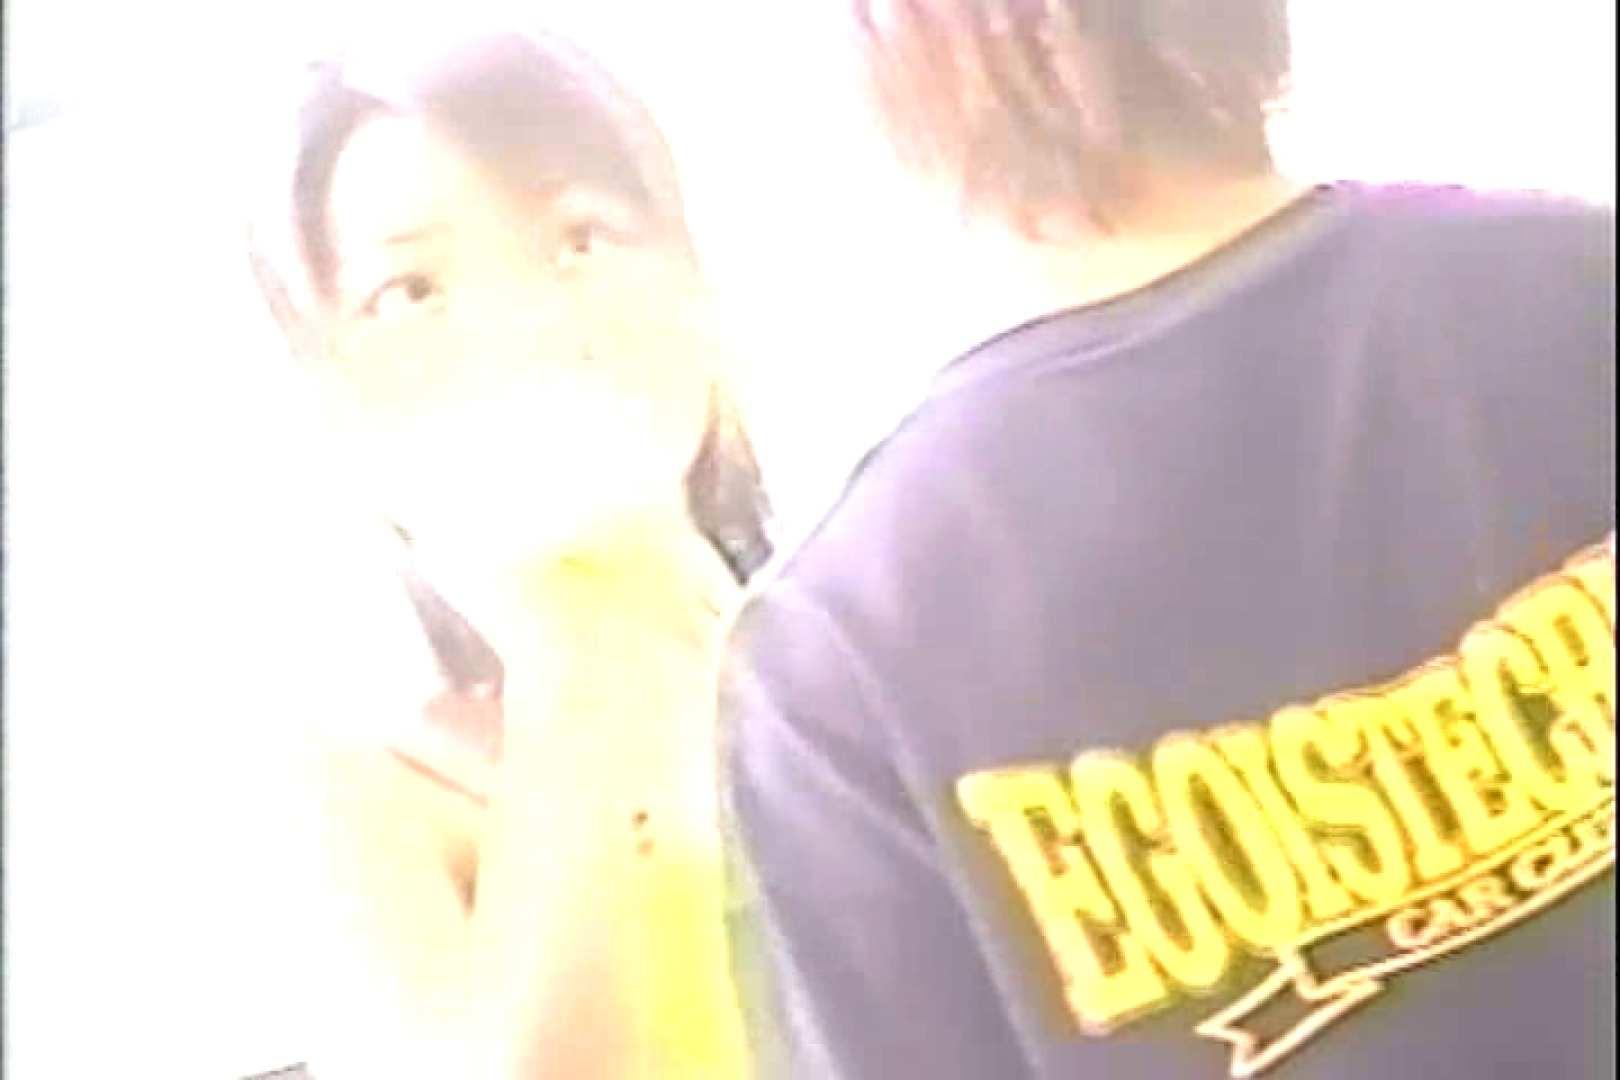 「ちくりん」さんのオリジナル未編集パンチラVol.3_01 お姉さん 覗きオメコ動画キャプチャ 63PICs 3